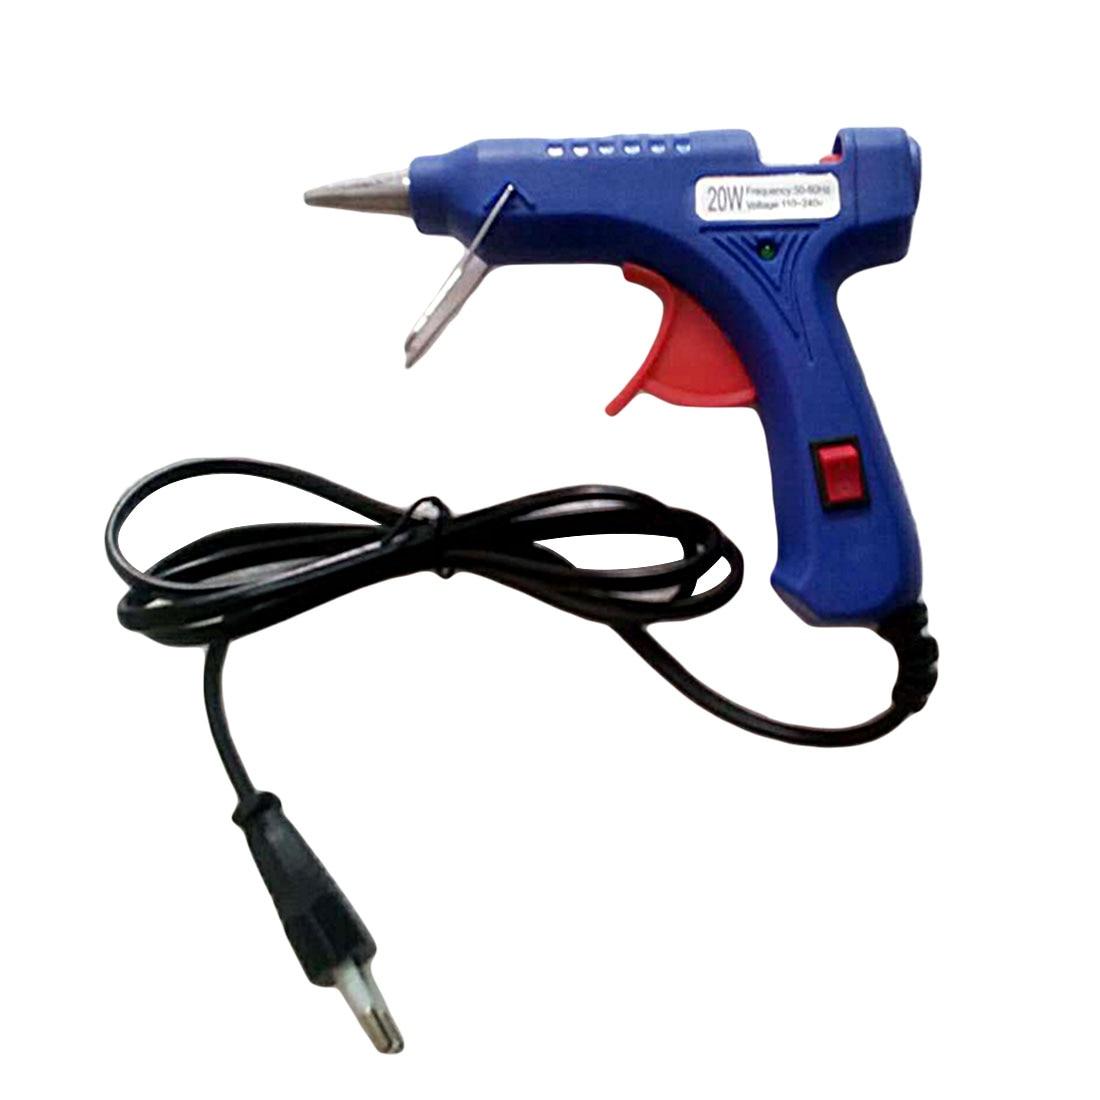 Растопить горячий клей пистолет 1 шт. 20 Вт ЕС Plug термоклей пистолет промышленных мини Пистолеты высокая температура нагреватель калиенте тепла Температура инструмент